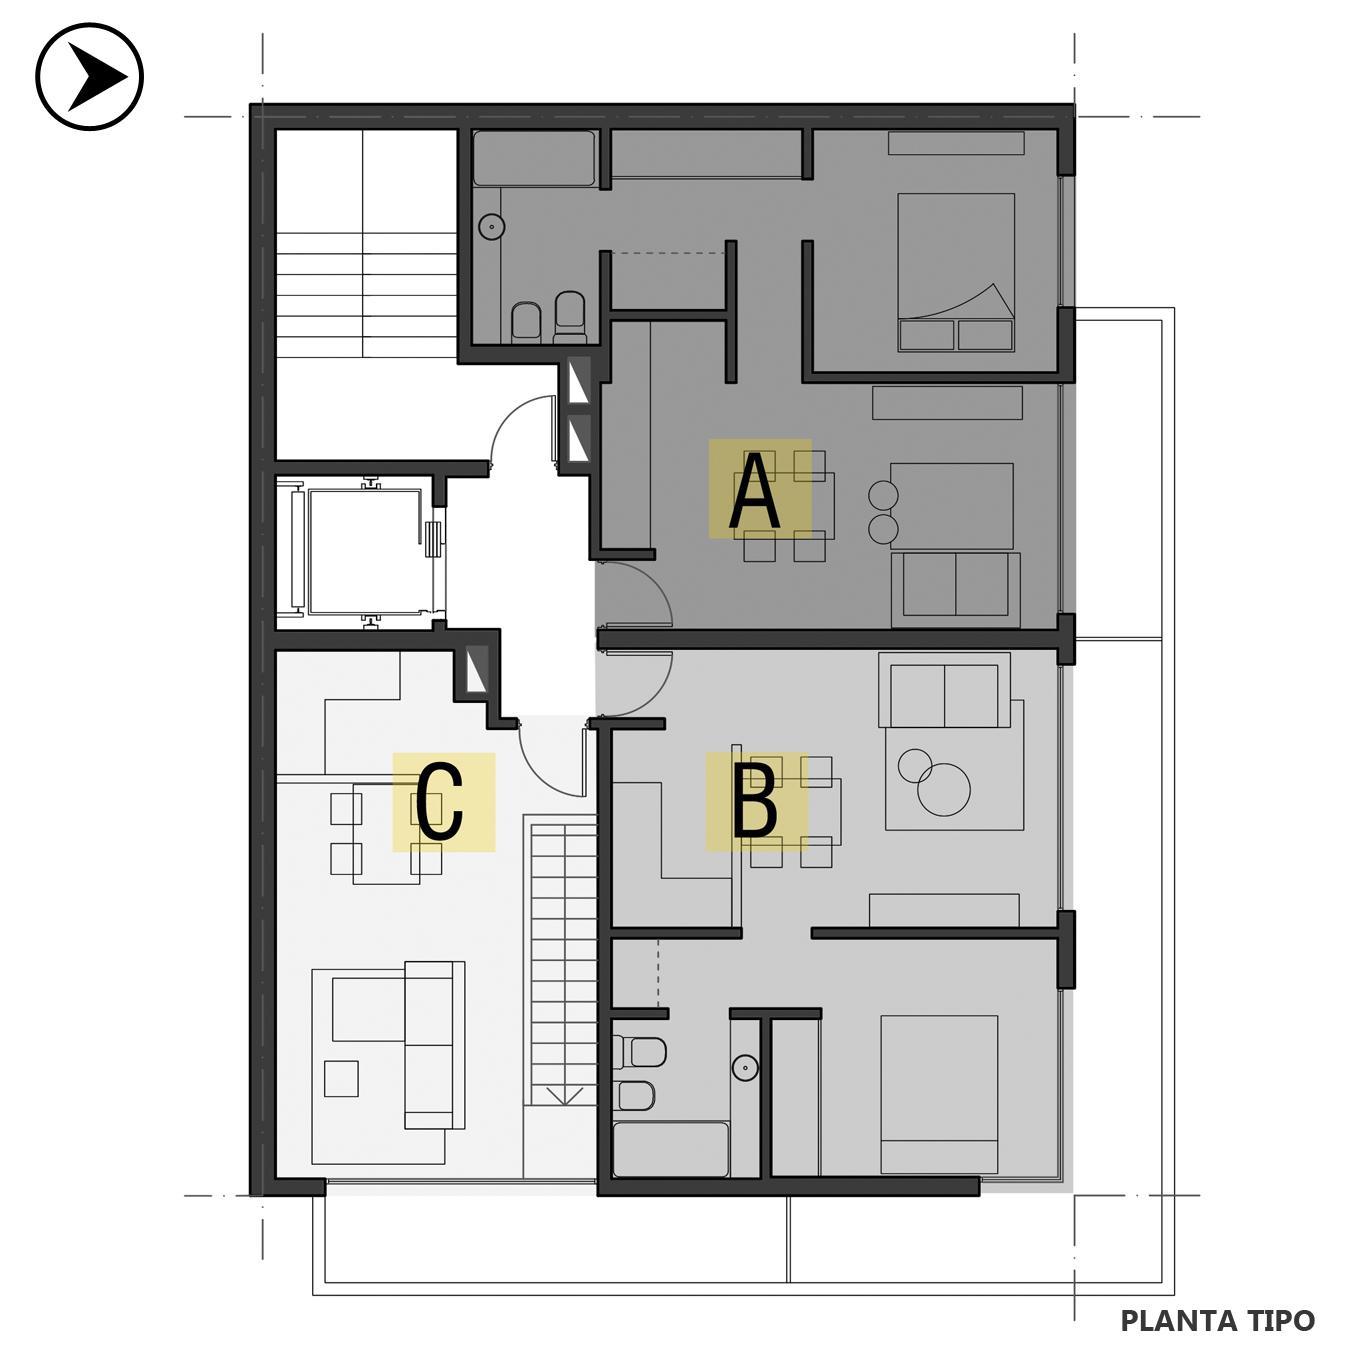 Venta departamento 1 dormitorio Rosario, Centro. Cod CBU24188 AP2257778. Crestale Propiedades